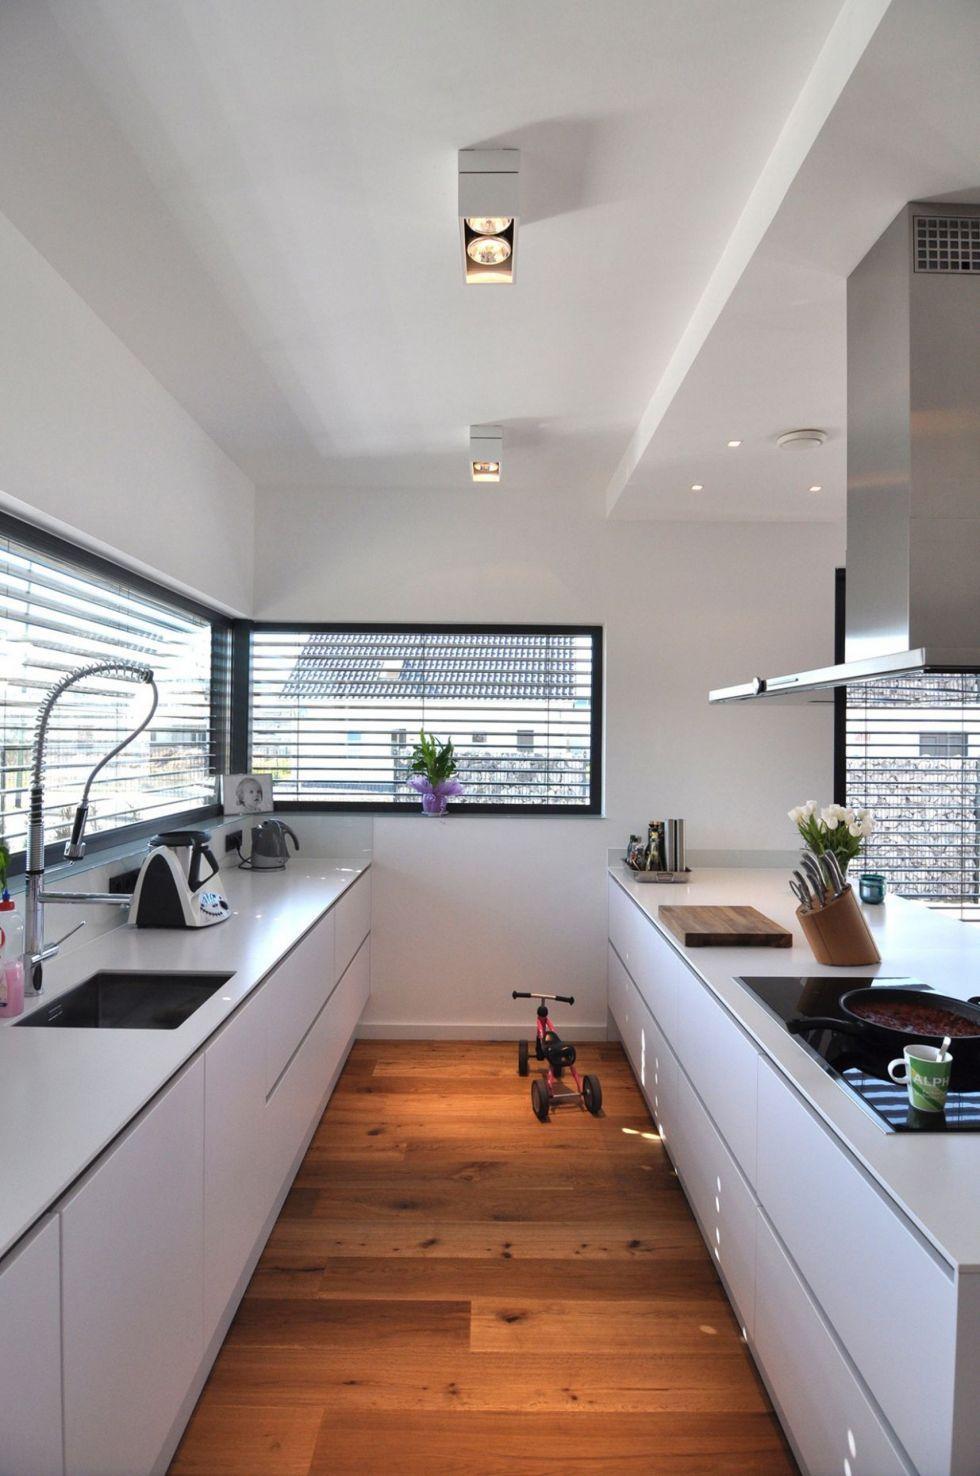 Küchenideen und designs hauspi  aprikari gmbh u co kg  häuschen  pinterest  haus